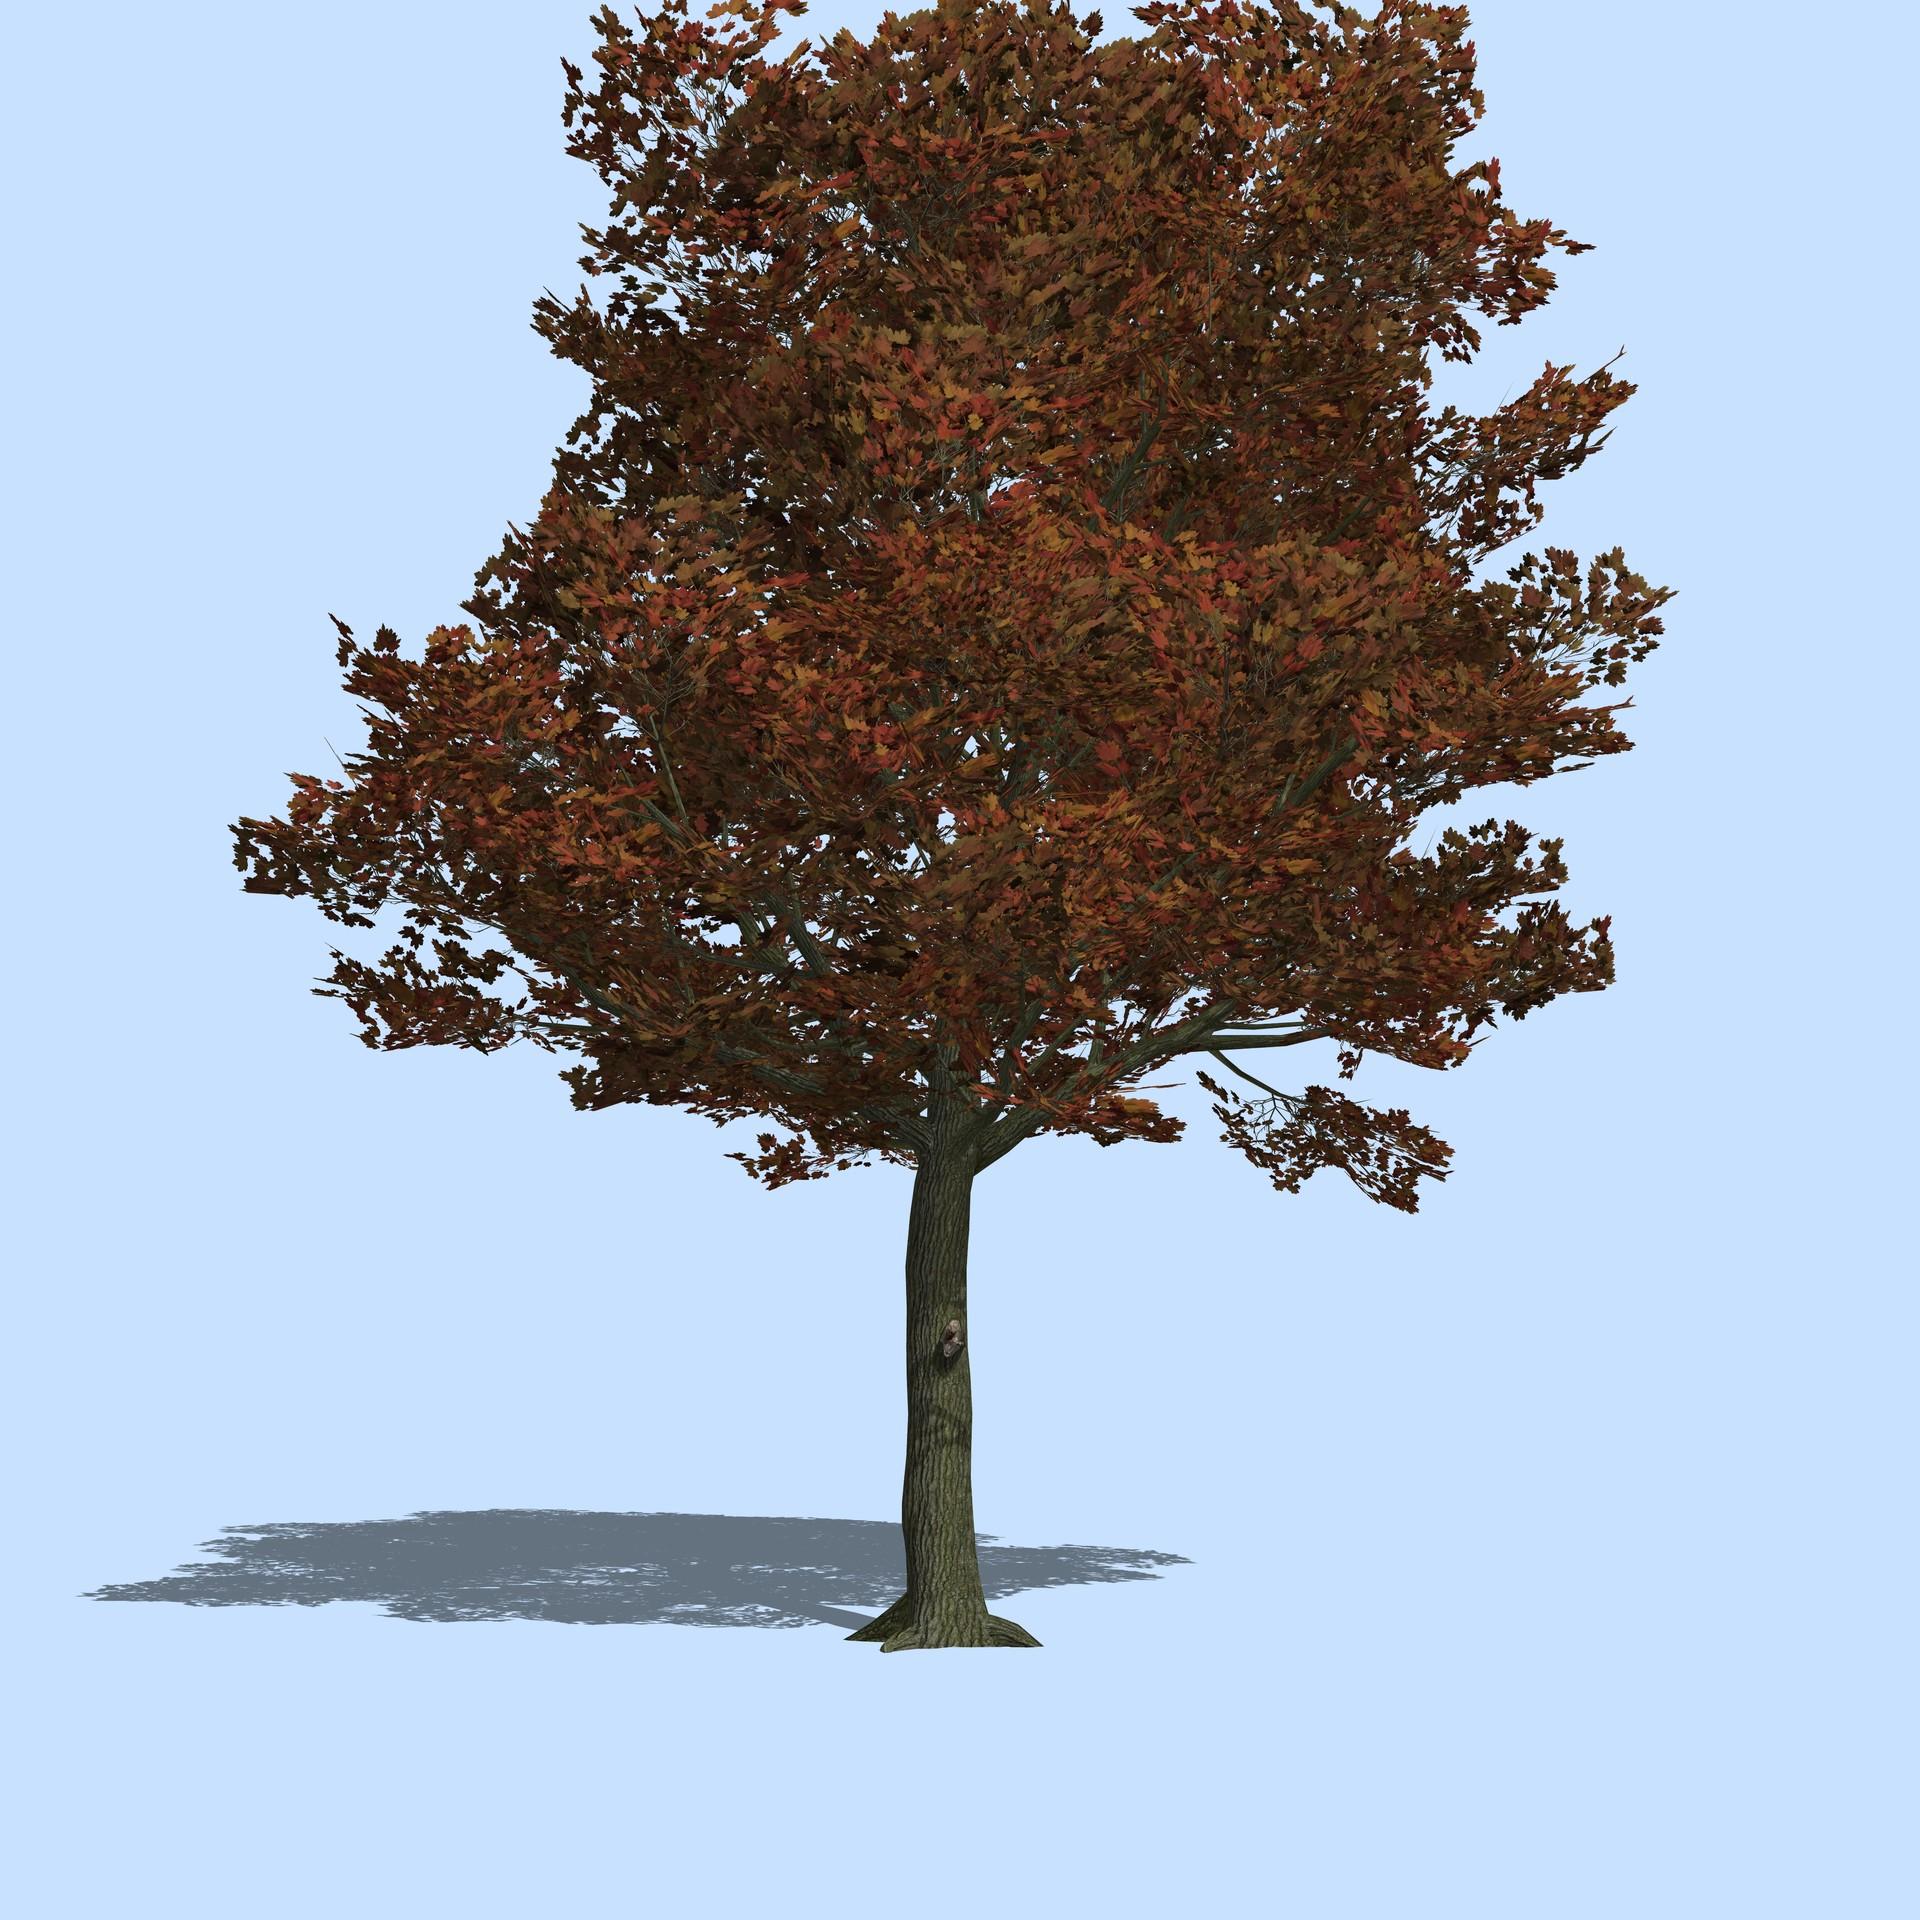 Prissy Autumn Season Blue Mountain Maple Tree Blue Maple Tree Wiki Quentin Grenot St Quentin Grenot Maple Tree houzz 01 Blue Maple Tree